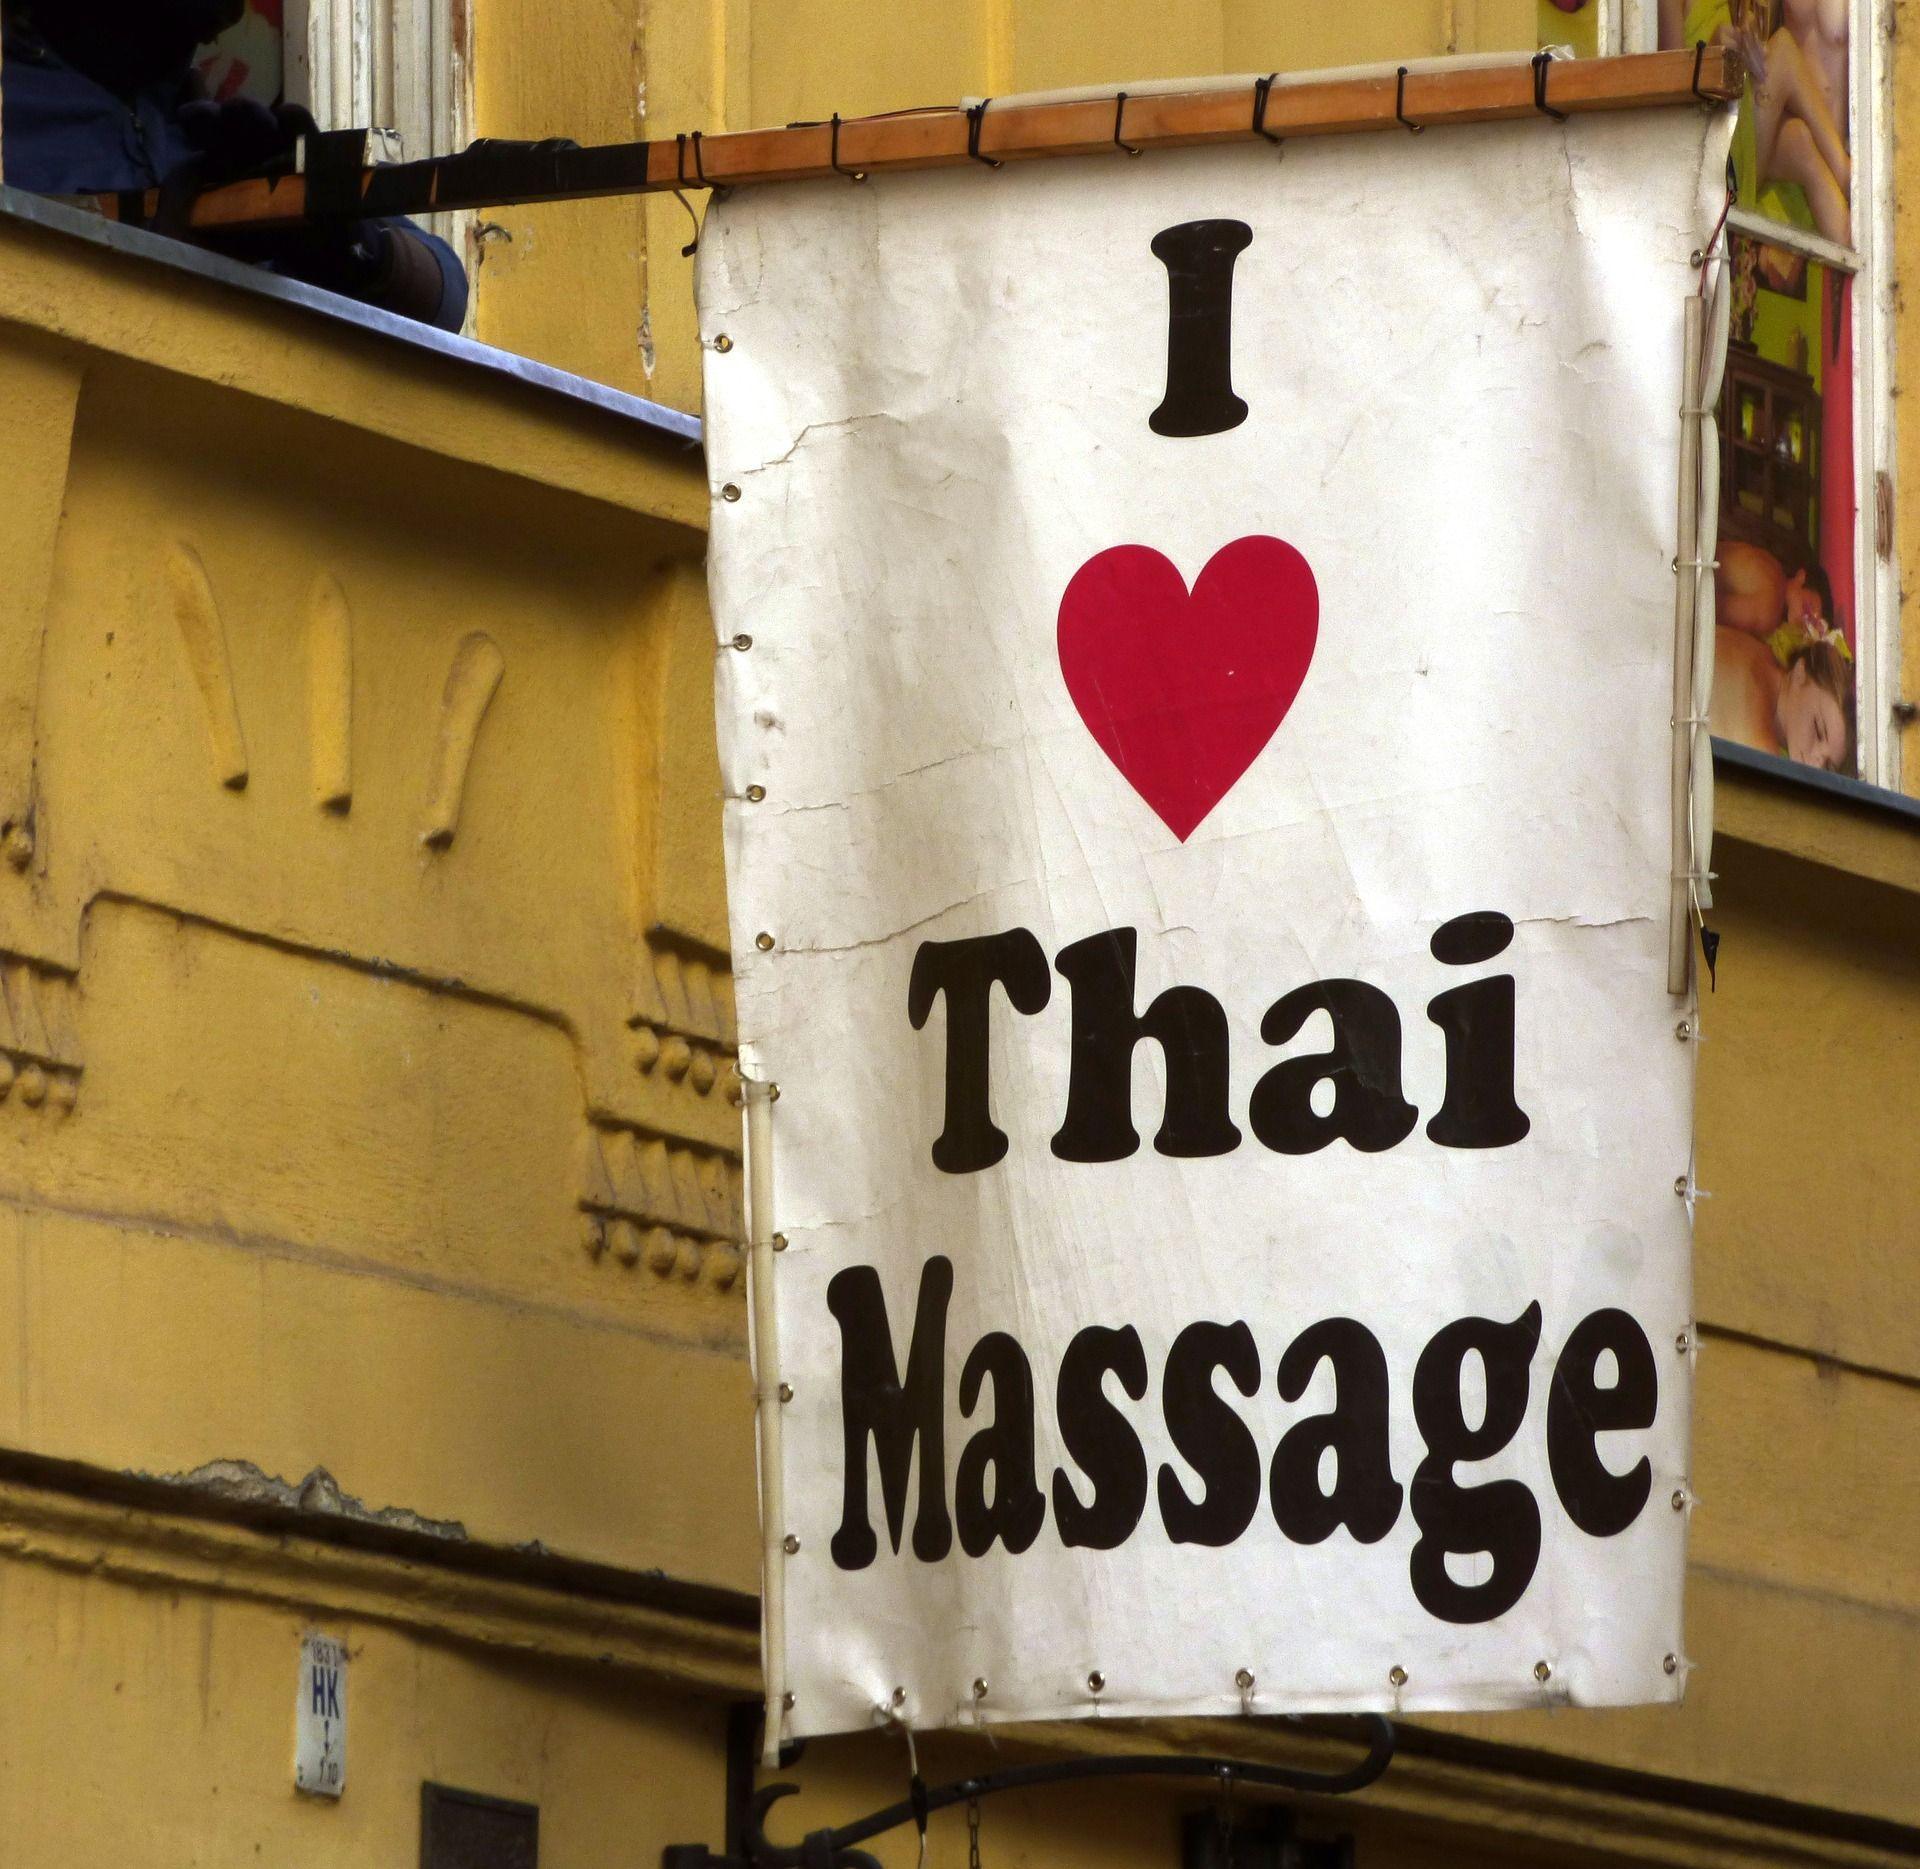 Thai Massage Saved my Trip | Thai massage, Massage